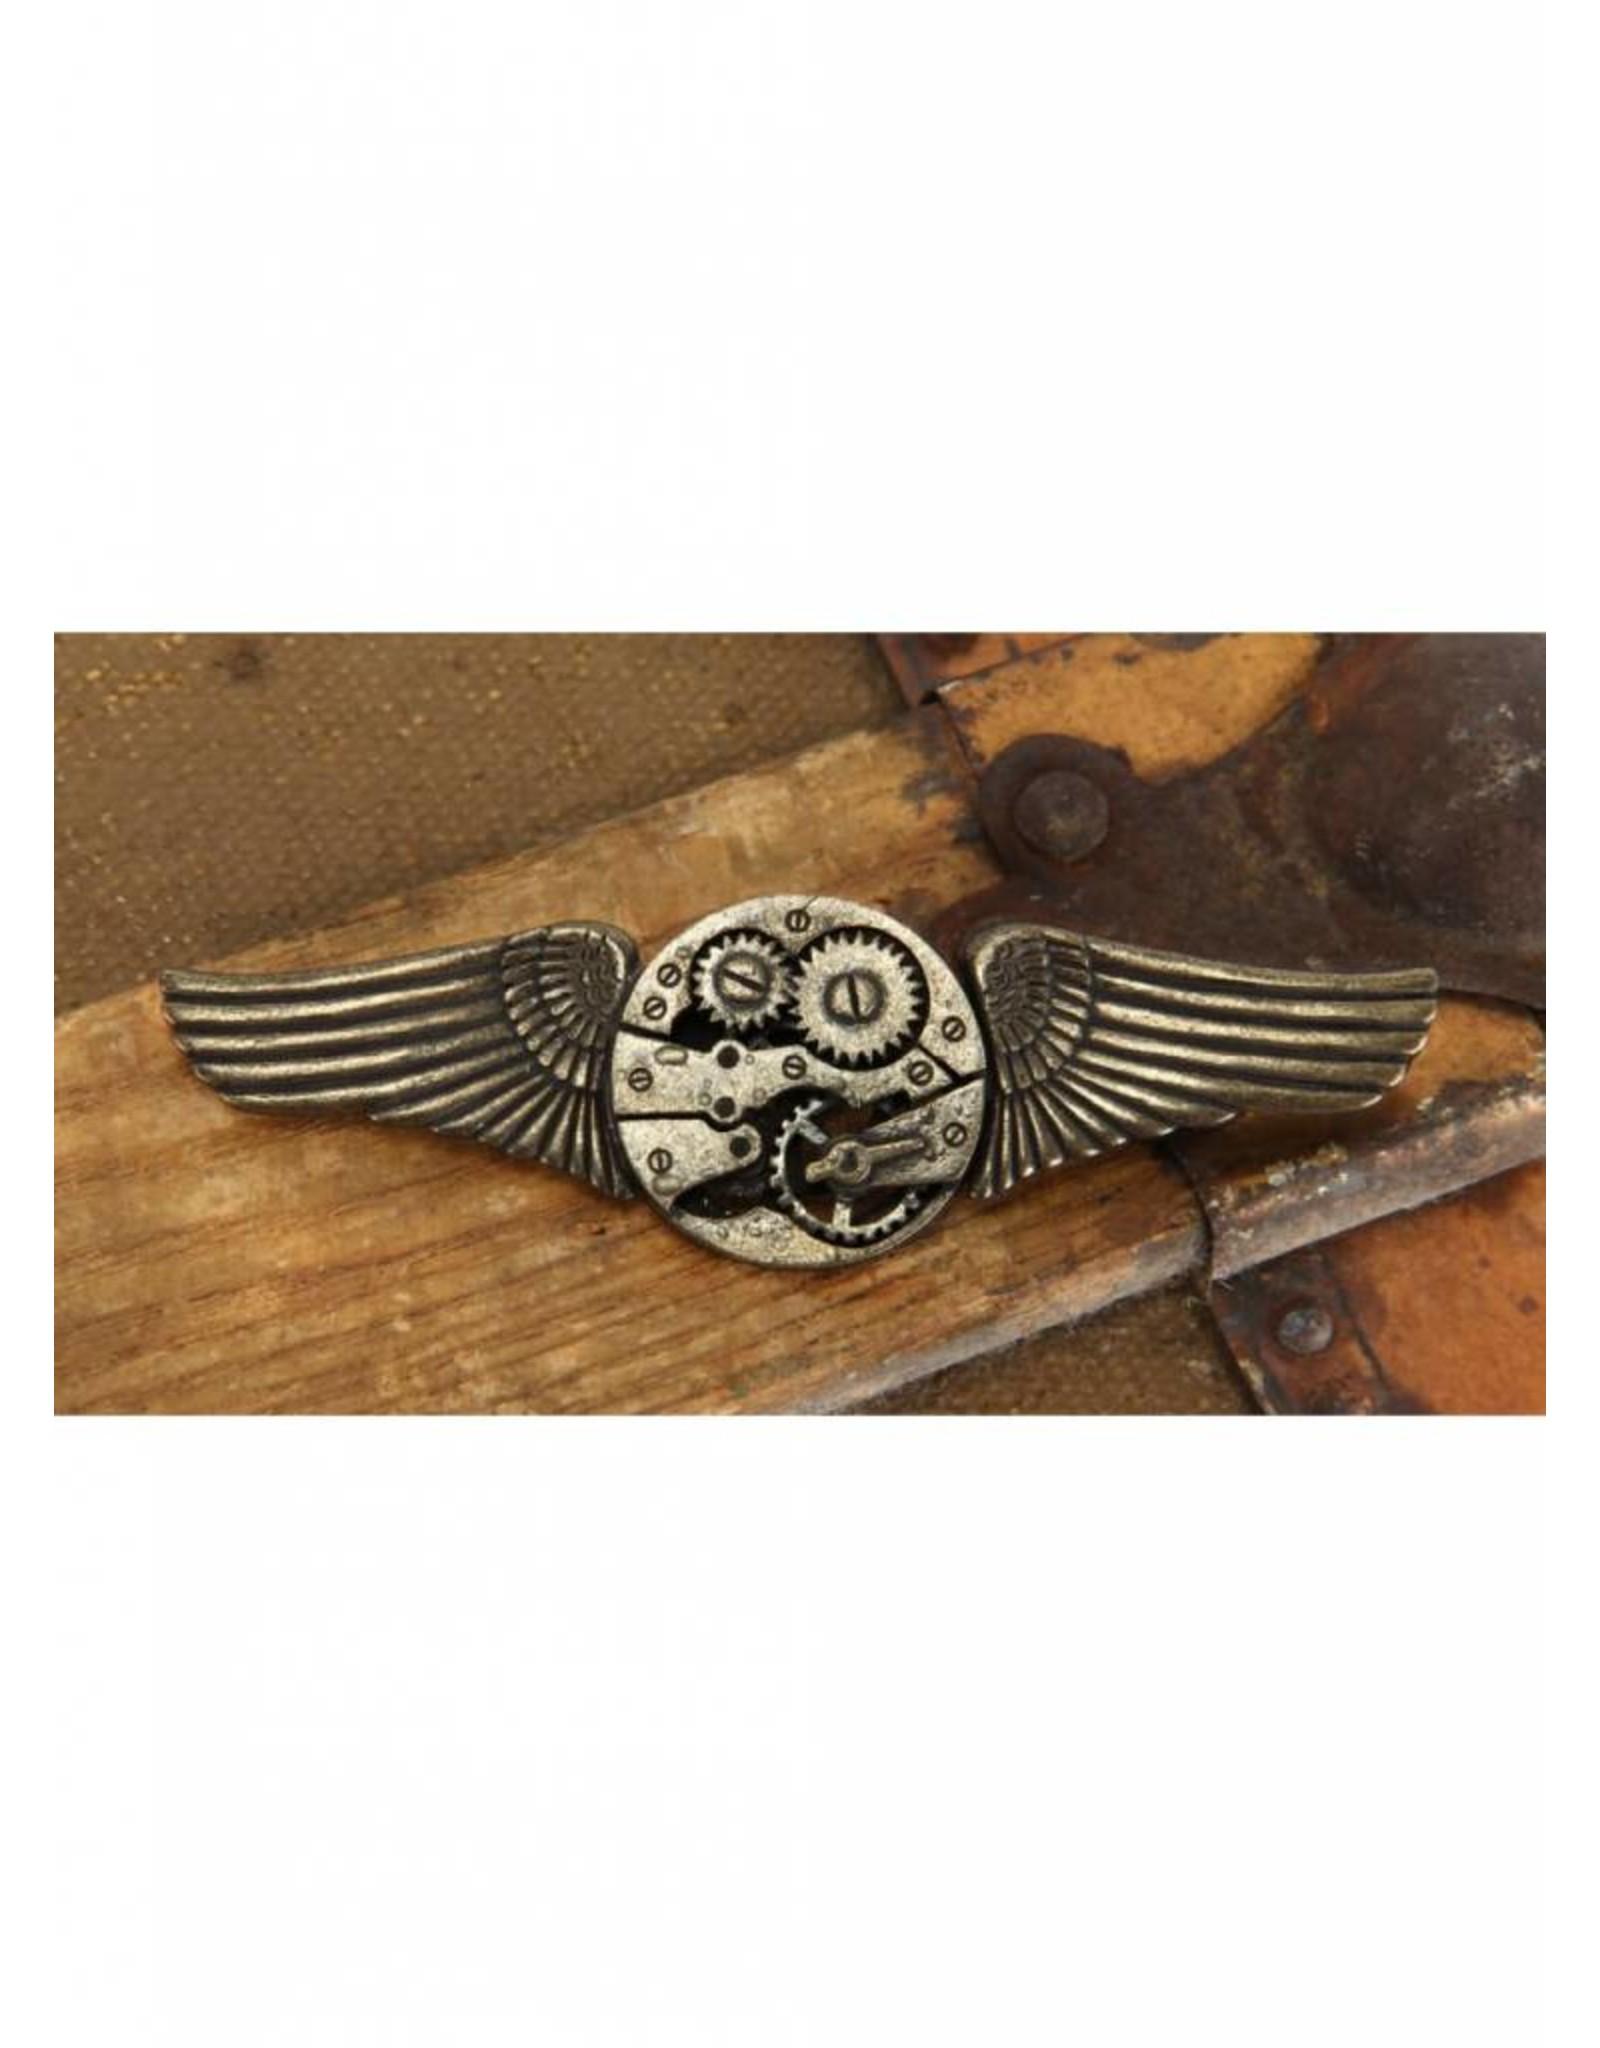 Elope Gear Wings Pin